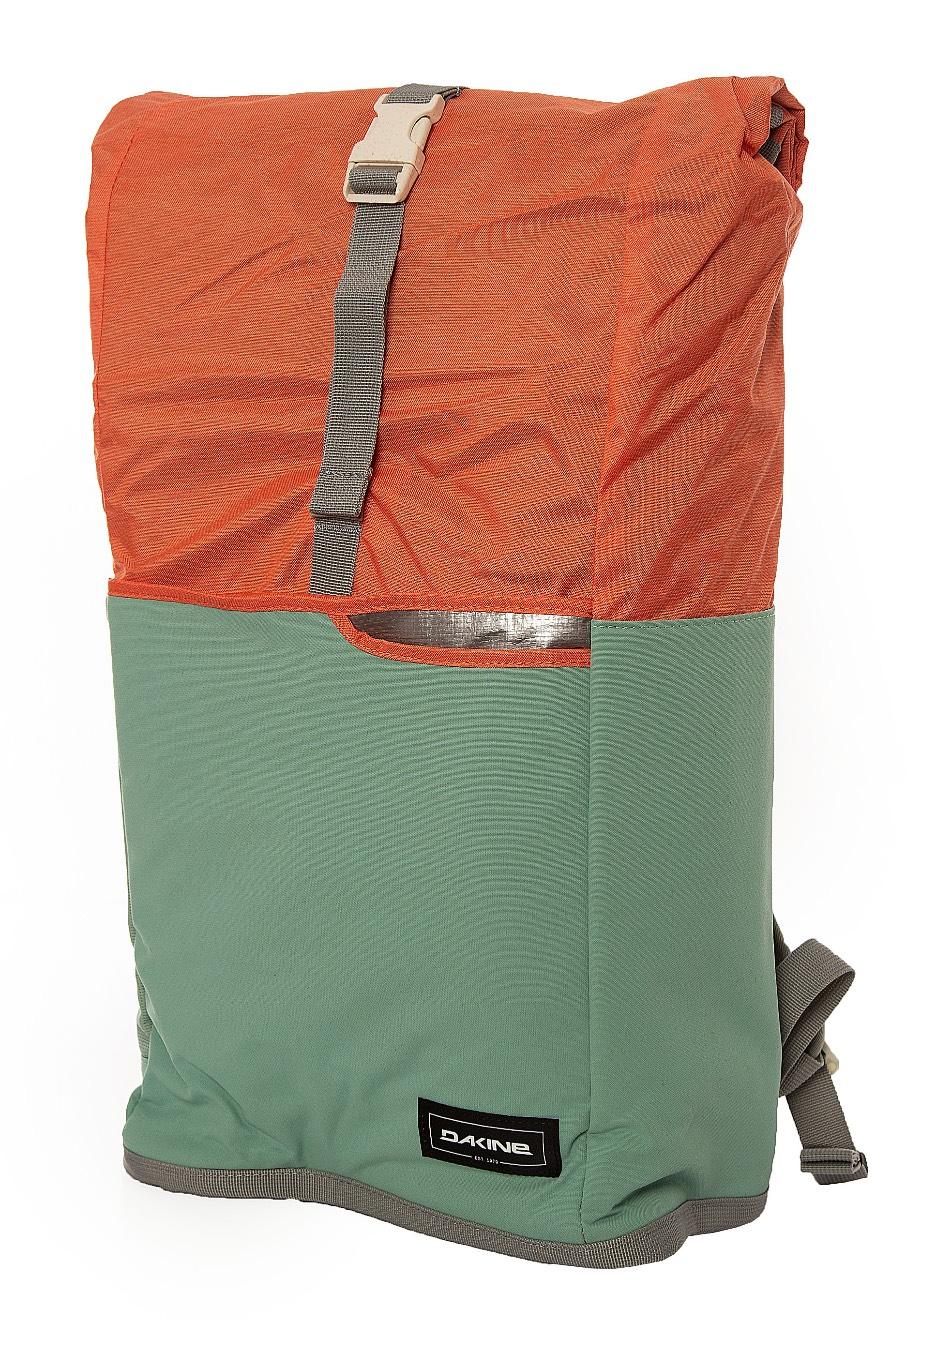 39761289759 Dakine - Streetwear Shop - Impericon.com UK